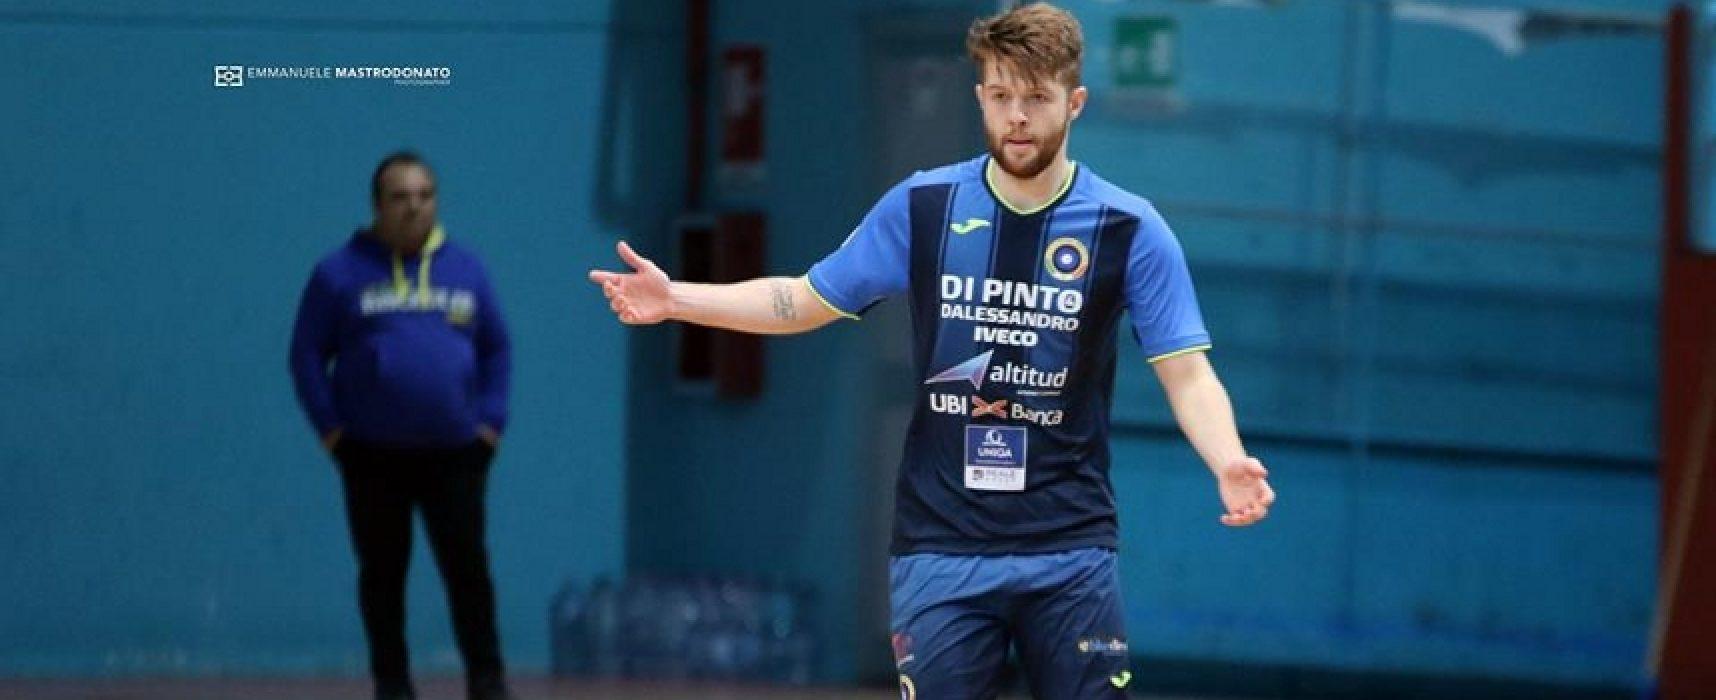 Futsal Bisceglie, trasferta difficile in casa dell'Odissea 2000